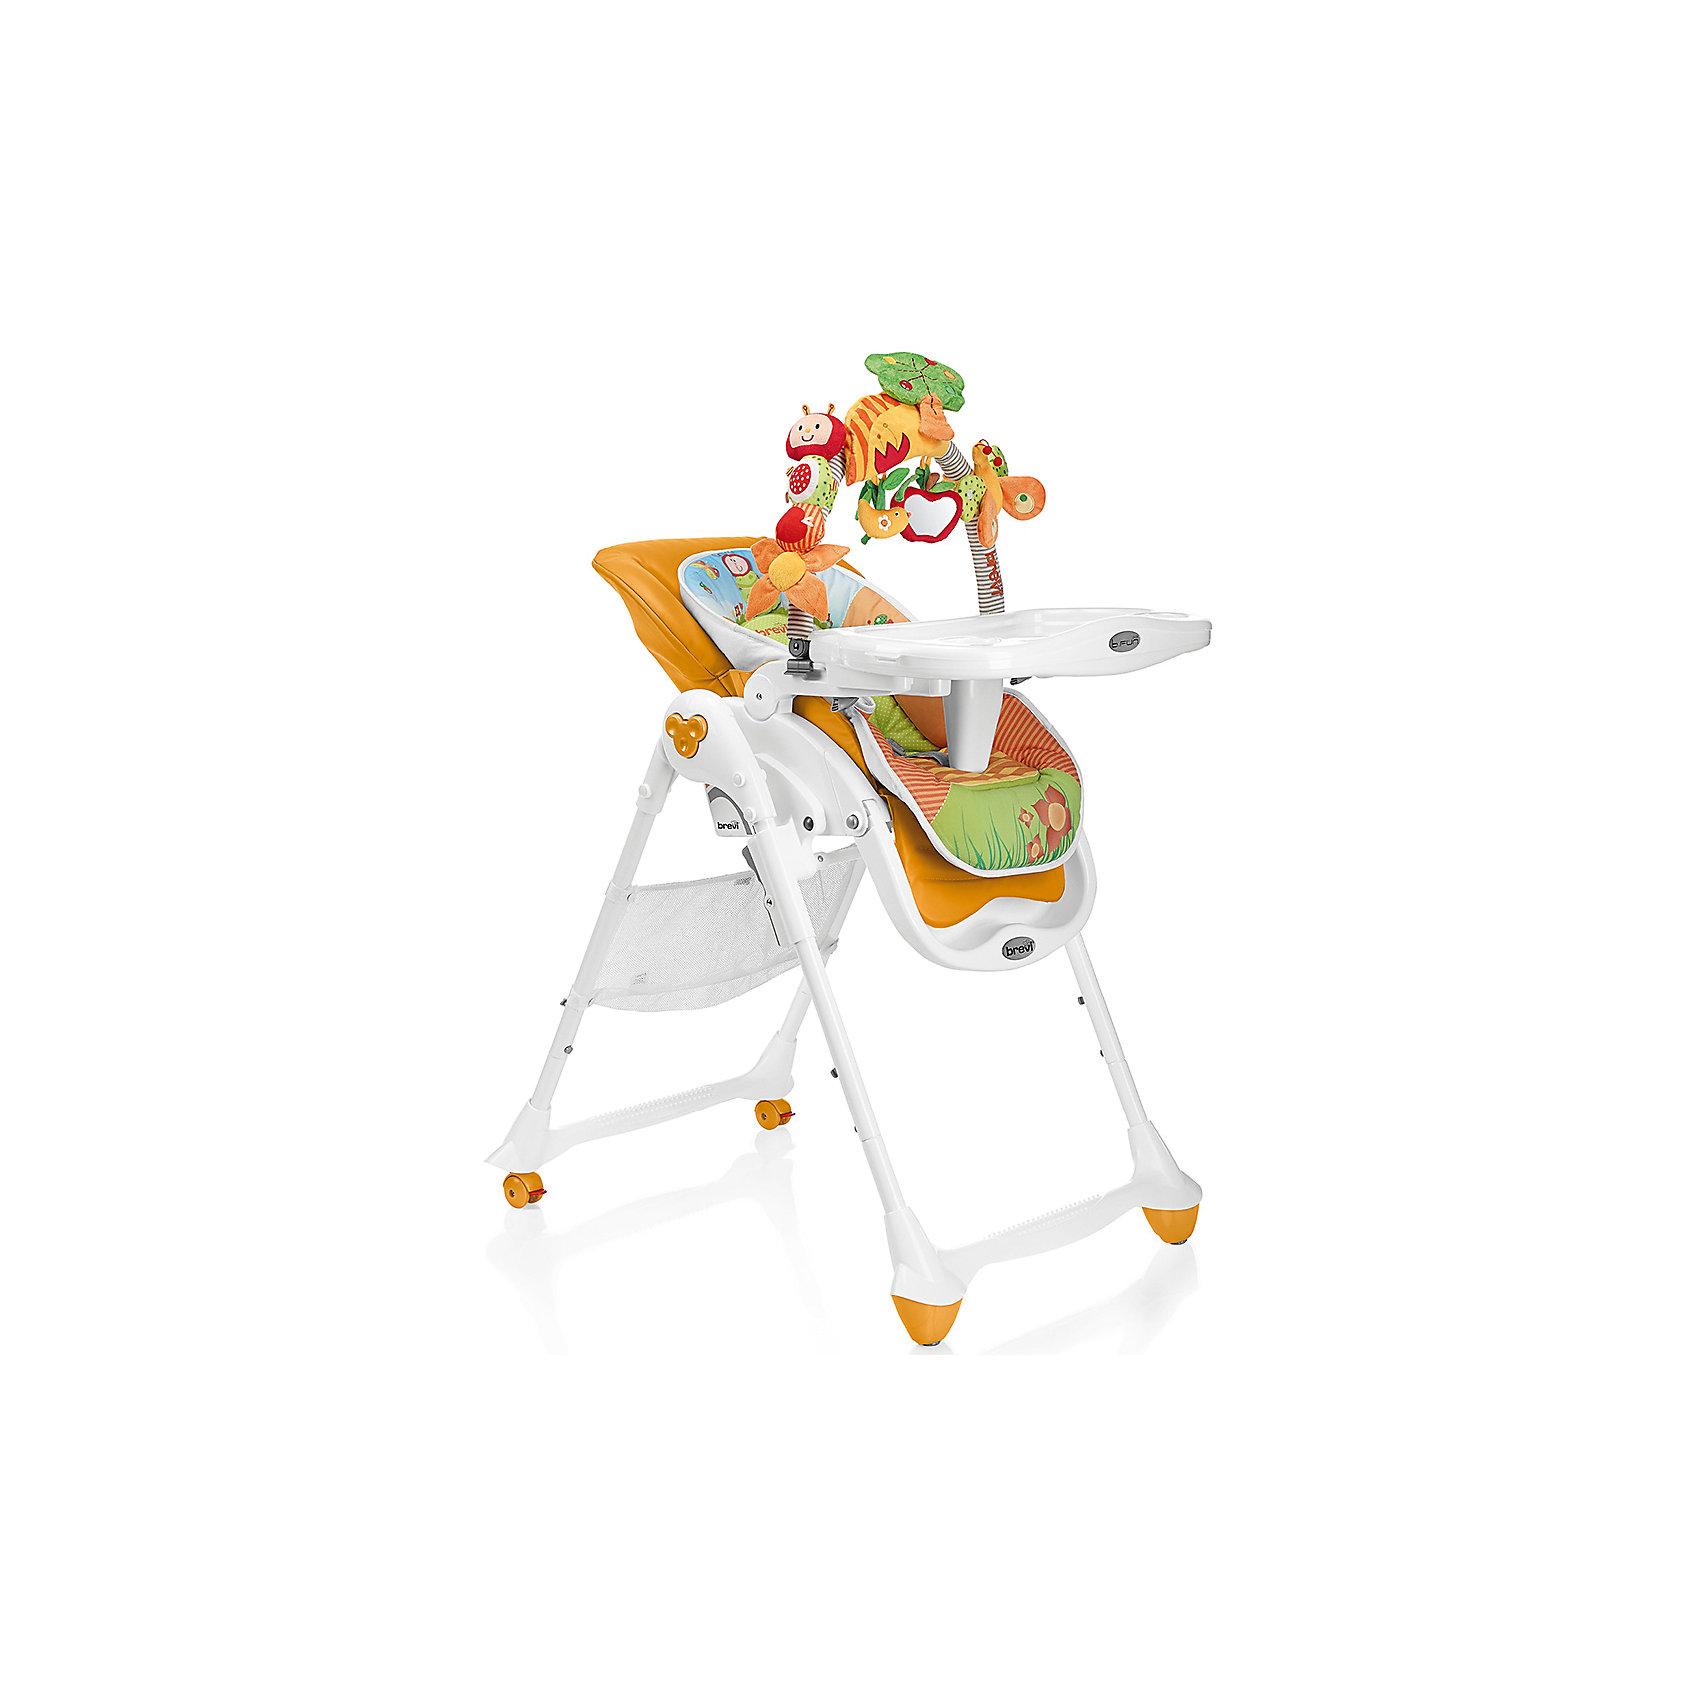 Стульчик для кормления B-Fun, Brevi, оранжевыйот рождения<br>B-Fun, Brevi (брэви) – удобный стульчик для кормления ребенка. Особенность этого стульчика в трех положениях наклона спинки, включая горизонтальное. Благодаря этому, стульчик можно использовать в качестве шезлонга уже с рождения. Имеет 3 положения регулировки подножки, съемный поддон с двумя углублениями для стаканов или бутылочек, который легко снимается и крепится сзади стульчика, регулируемые по росту ребенка ремни безопасности.  Задние колеса с фиксаторами для удобства перемещения по квартире.  Стульчик изготовлен из натуральных тканей, легко моется и занимает мало места в собранном виде.  В комплекте имеется съемная регулируемая дуга с игрушками: лодочка, автобус с кроликом, издающим звуки, домик с погремушкой, полоска со звуковым эффектом. Такой стульчик станет лучшим выбором для малыша.<br>Особенности и преимущества:<br>-стульчик можно использовать с рождения<br>-3 положения спинки<br>-углубления для стаканов и бутылочек<br>-дуга с игрушками для развития малыша<br>Размеры: 90x82x62 см<br>Вес: 11,8 кг<br>Вы можете приобрести стульчик для кормления B-Fun в нашем интернет-магазине.<br><br>Ширина мм: 690<br>Глубина мм: 565<br>Высота мм: 315<br>Вес г: 11800<br>Возраст от месяцев: 0<br>Возраст до месяцев: 36<br>Пол: Унисекс<br>Возраст: Детский<br>SKU: 4902080